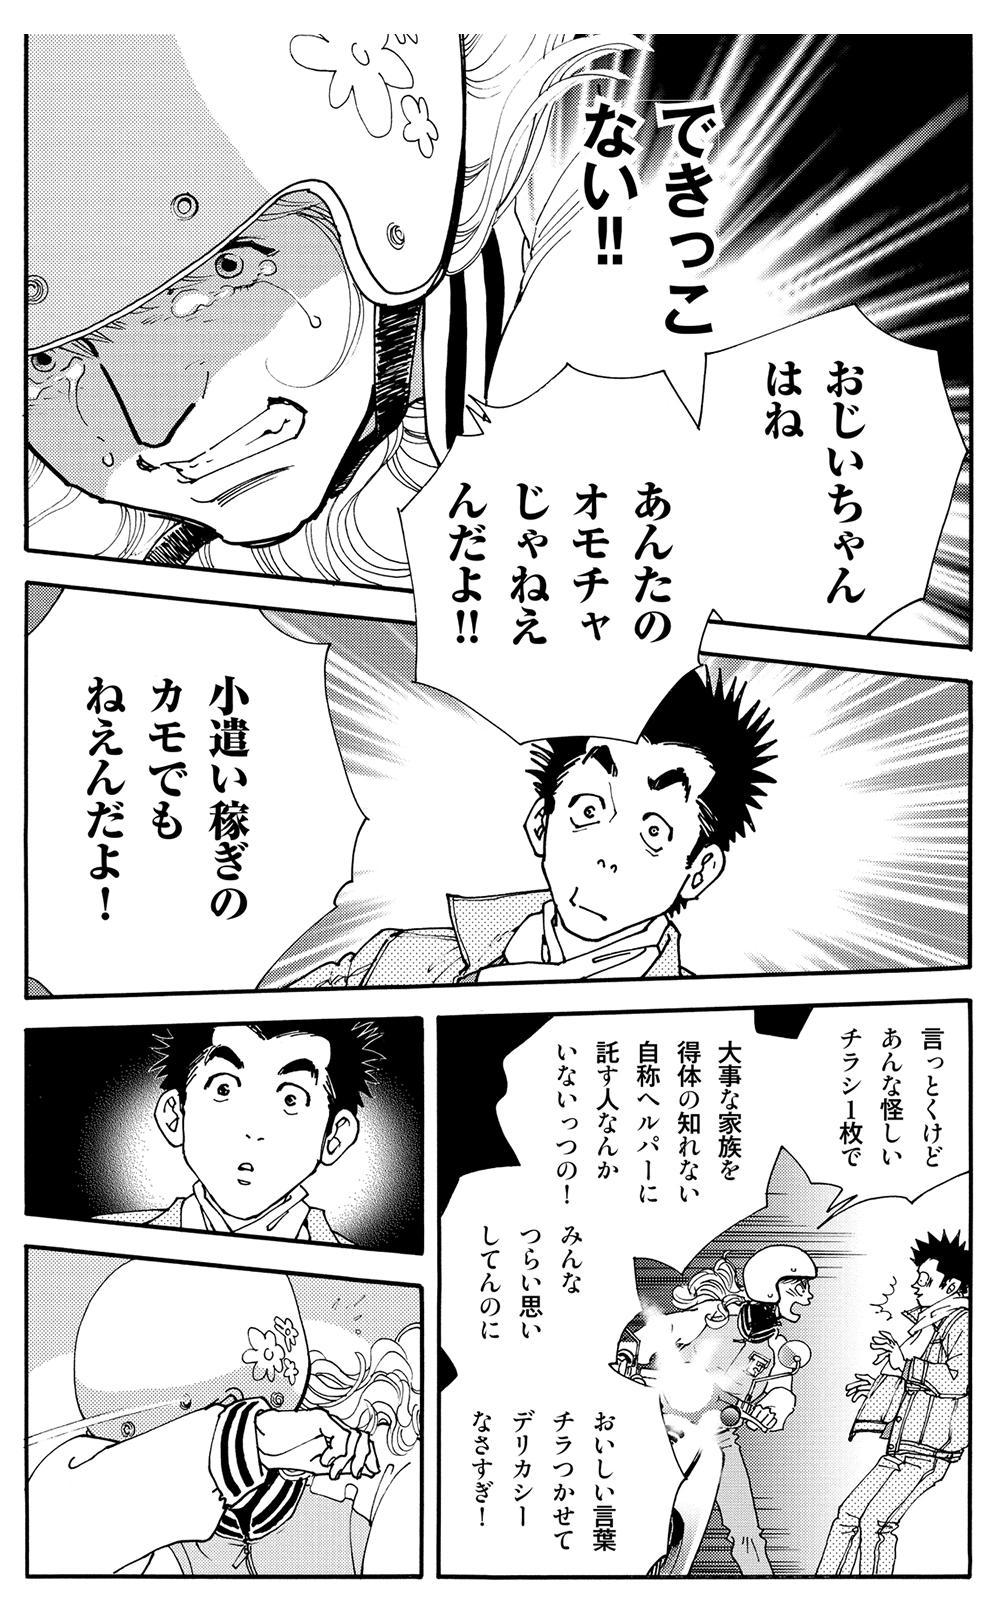 ヘルプマン!! 第4話「介護詐欺」helpman04-04.jpg